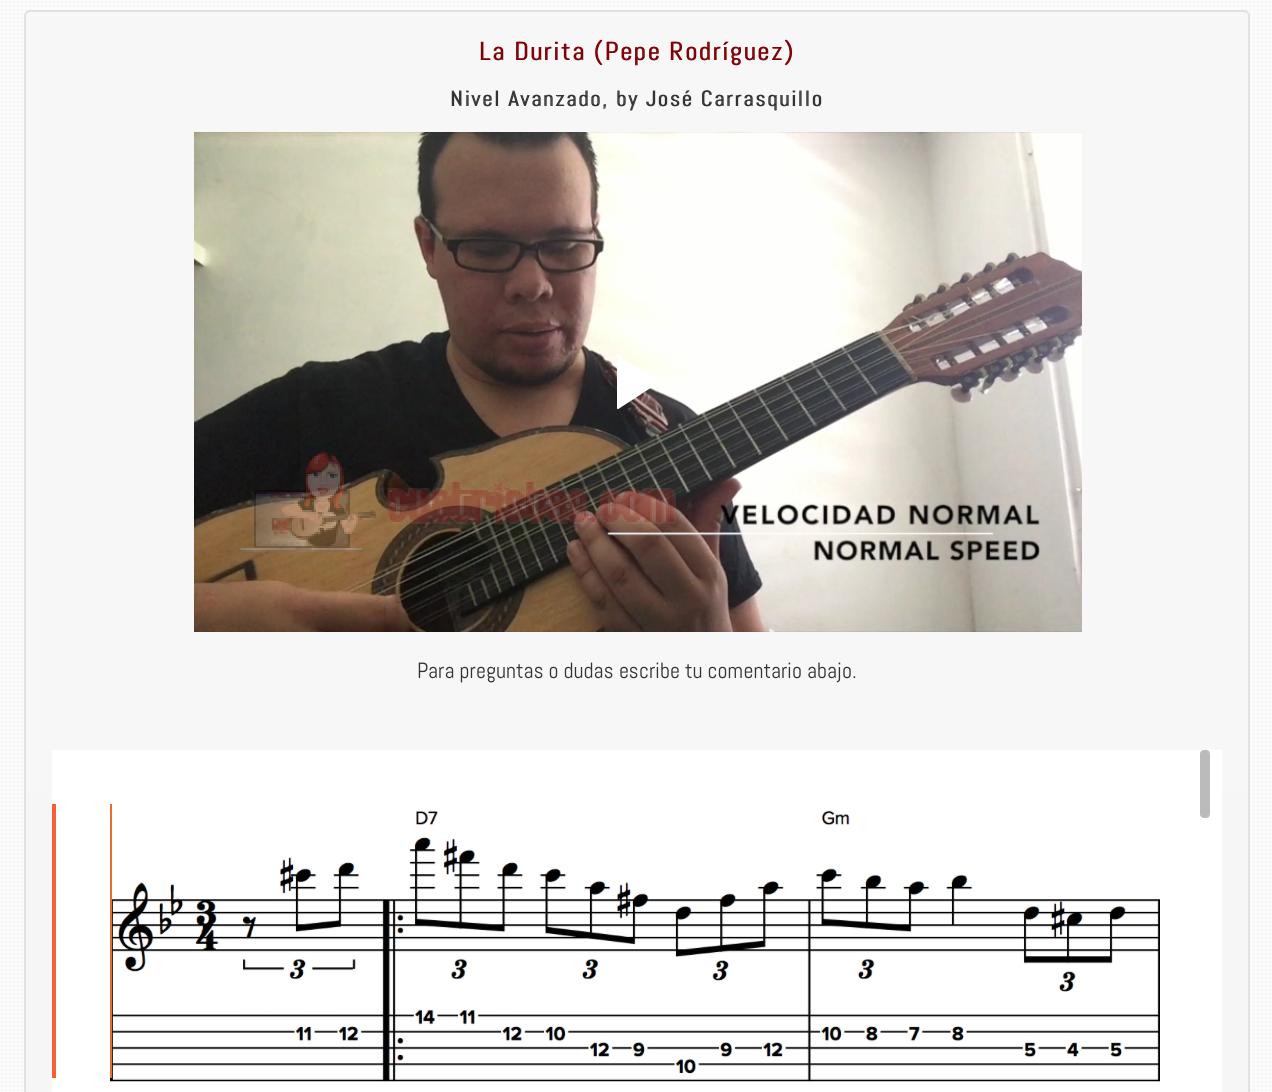 Nueva lección: Mazurka La Durita, Pepe Rodríguez (Nivel Avanzado)